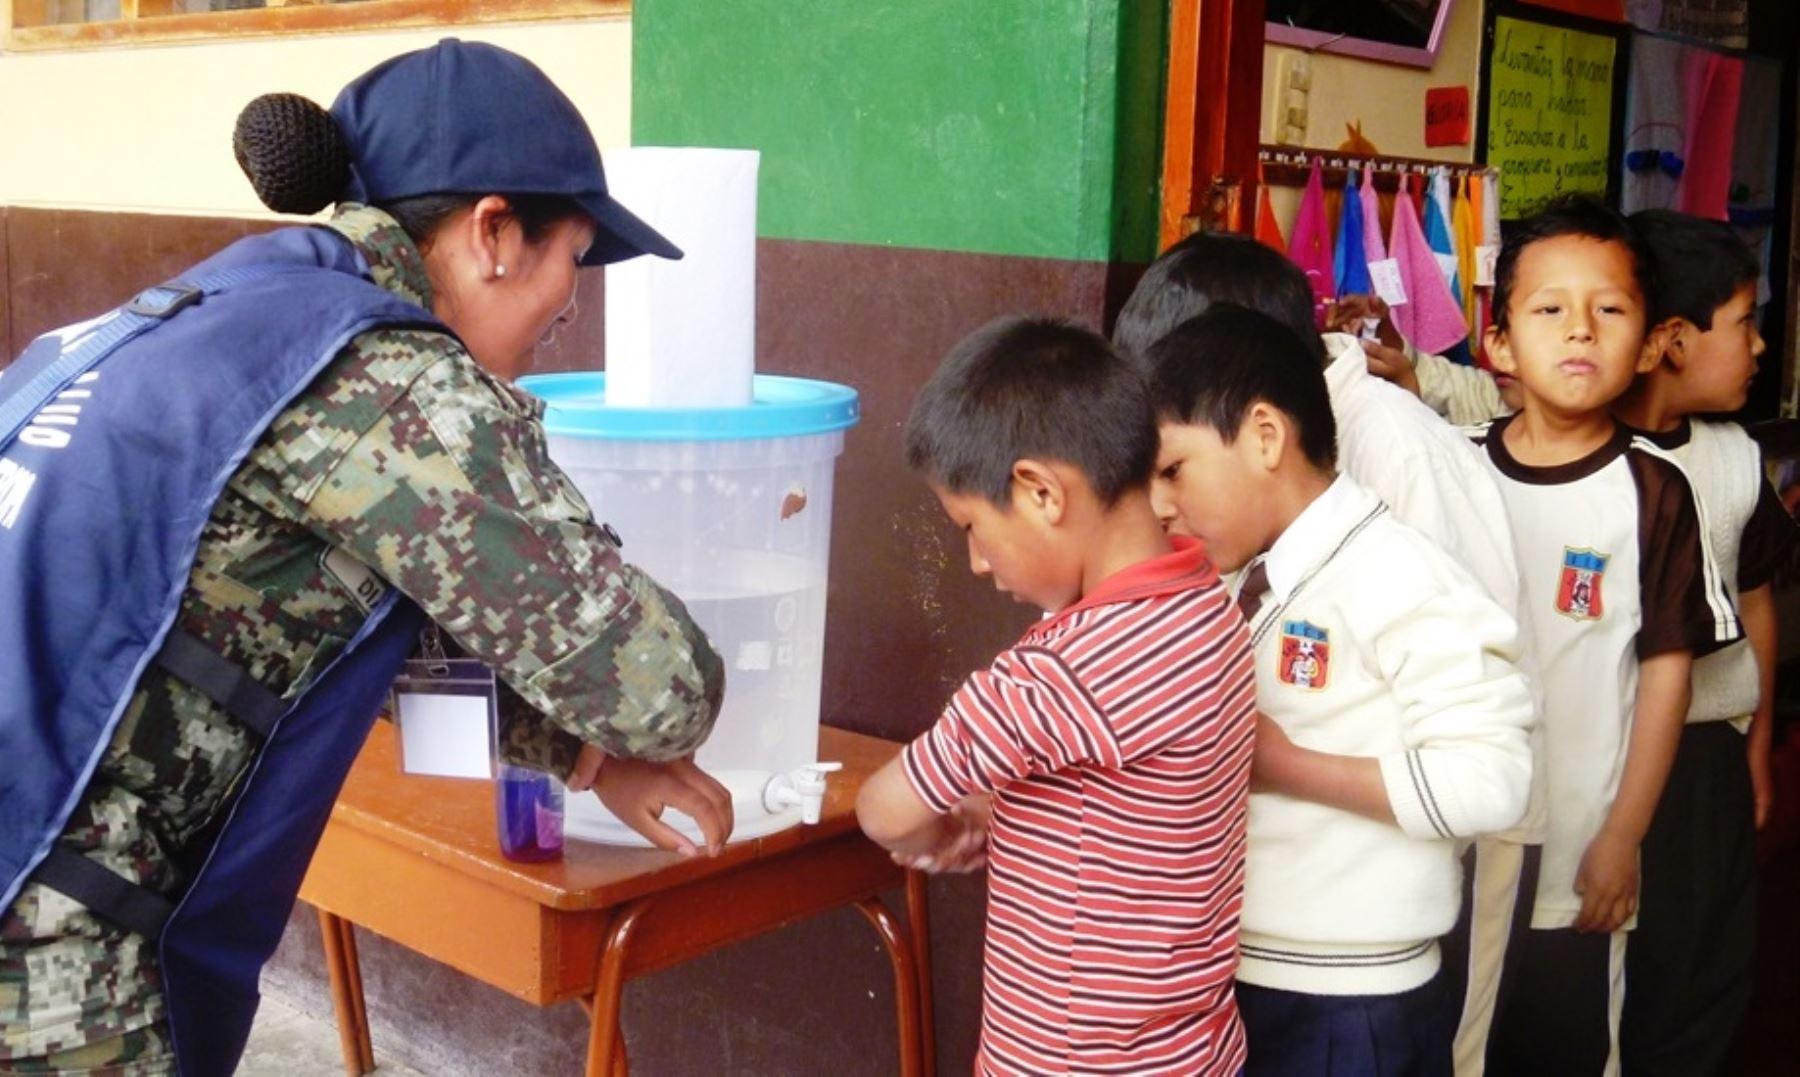 INS formará a 320 soldados por año como técnicos en salud pública. Foto: ANDINA/Difusión.